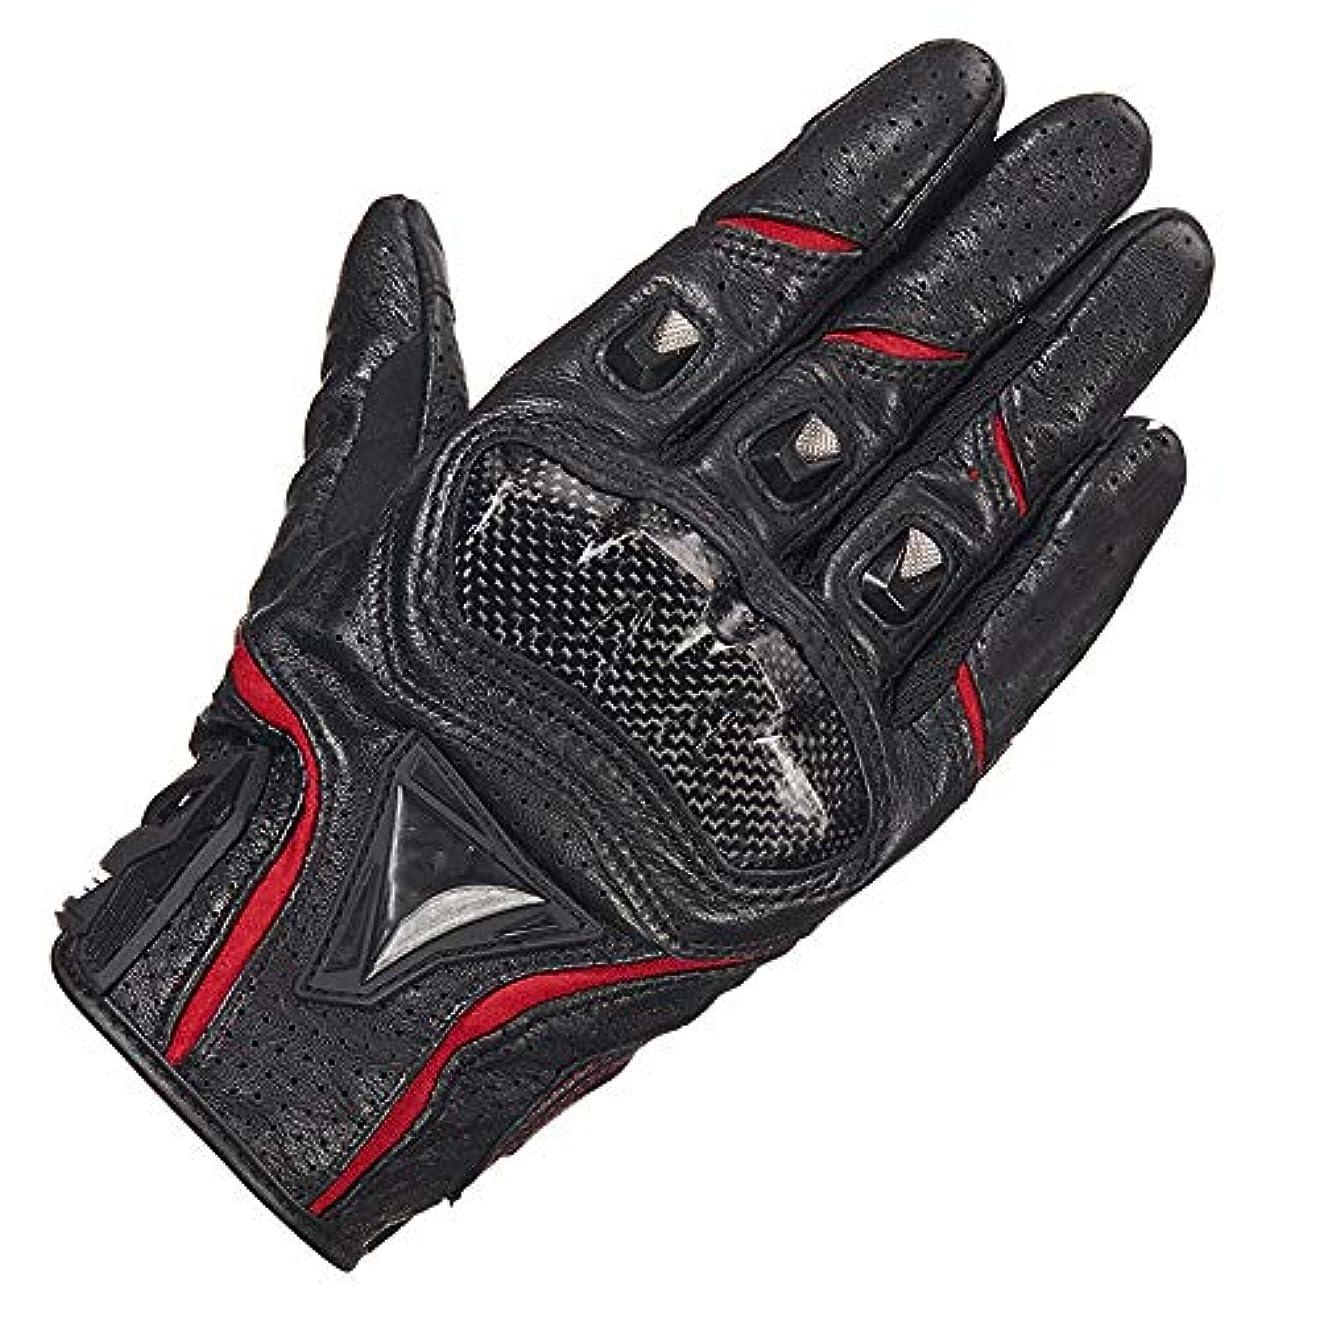 実用的柔らかい山積みのオートバイの男性の夏のオートバイのレーシンググローブの薄いタッチスクリーンの四季ドロップ保護を乗っている羊皮の手袋